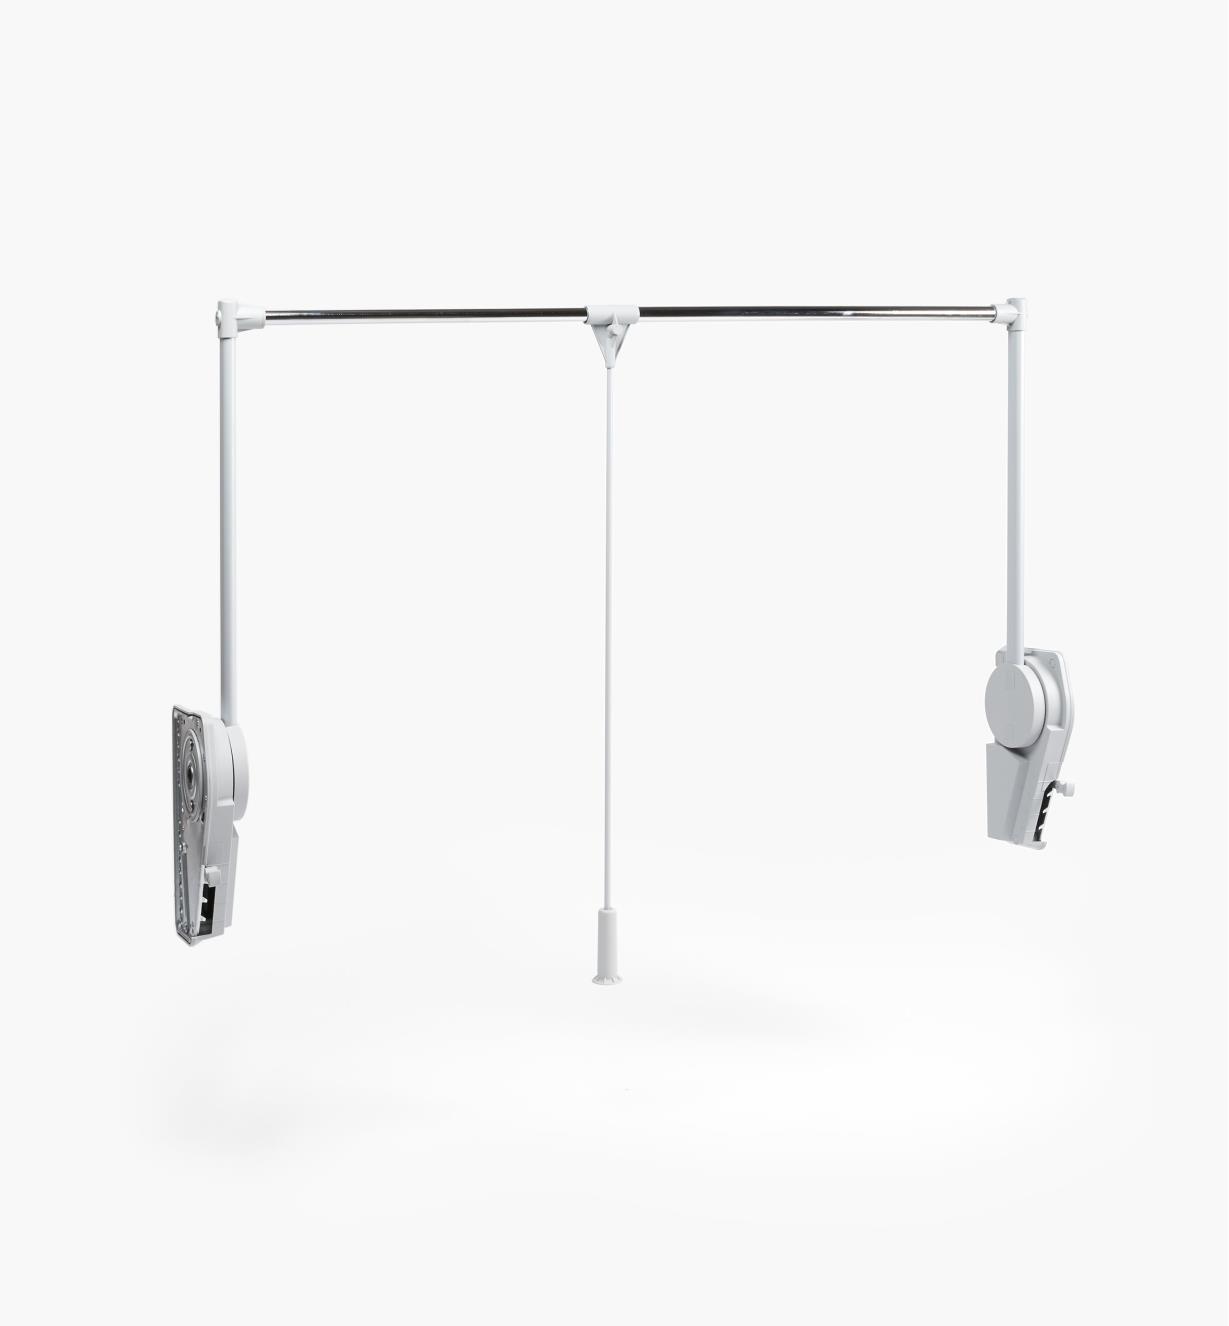 12K1820 - Tringle escamotable, 44lb (20 kg) de charge maximale